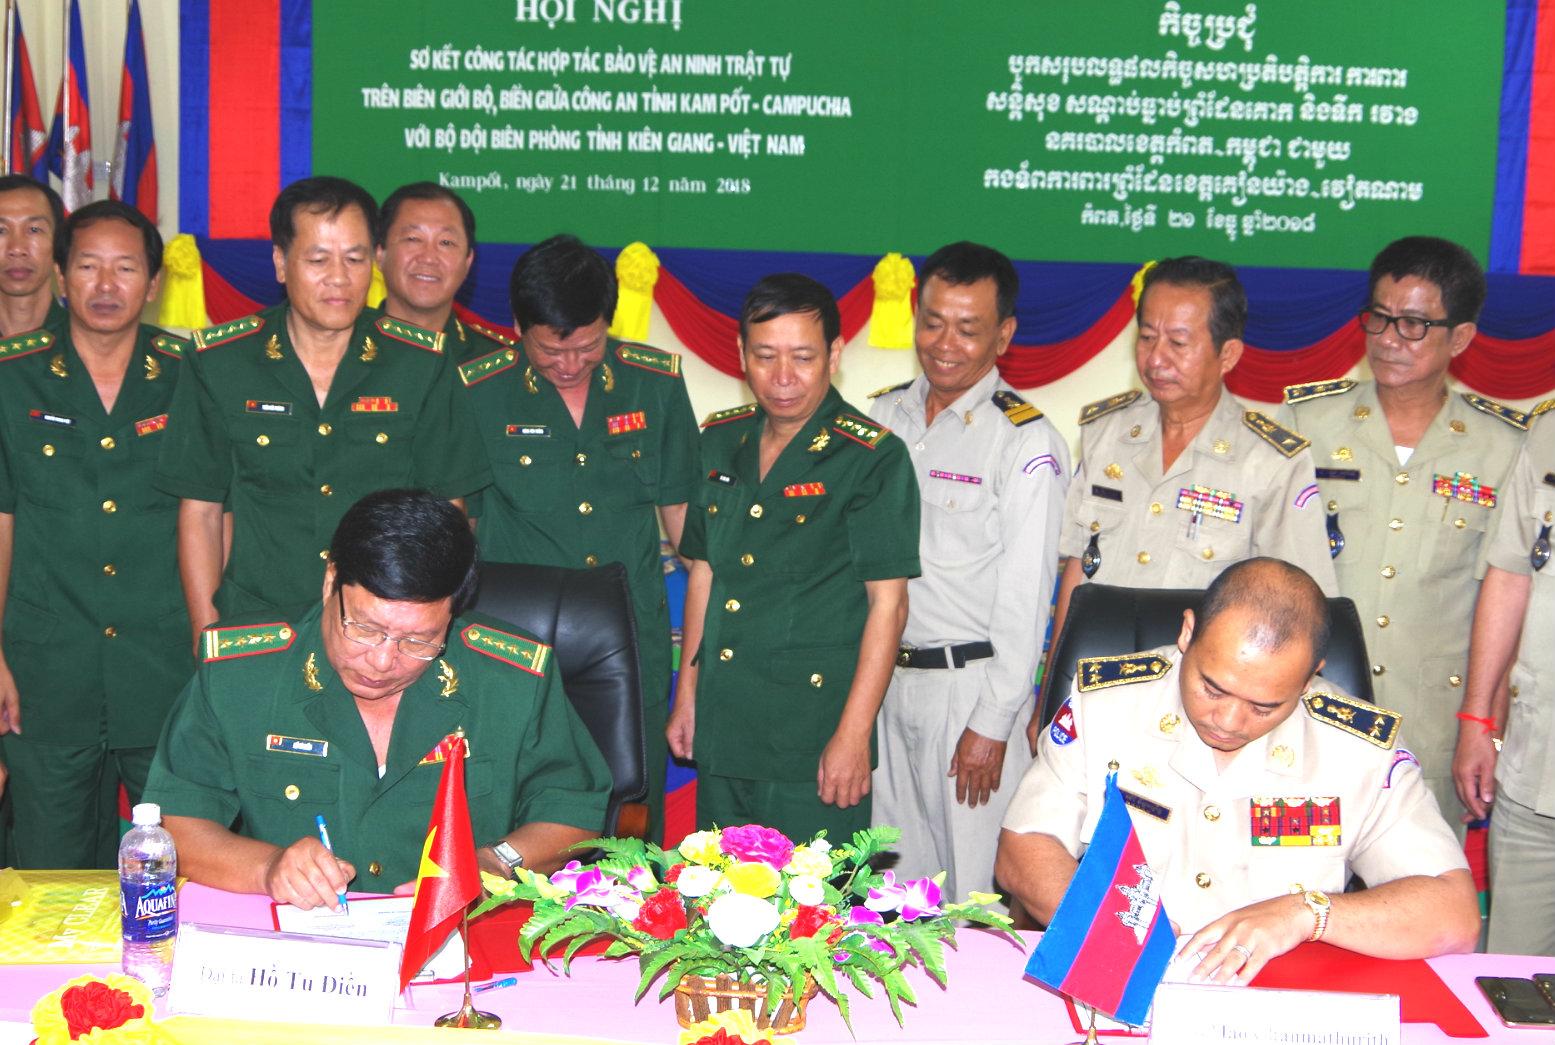 Tổng kết 1 năm phối hợp bảo vệ biên giới, vùng biển